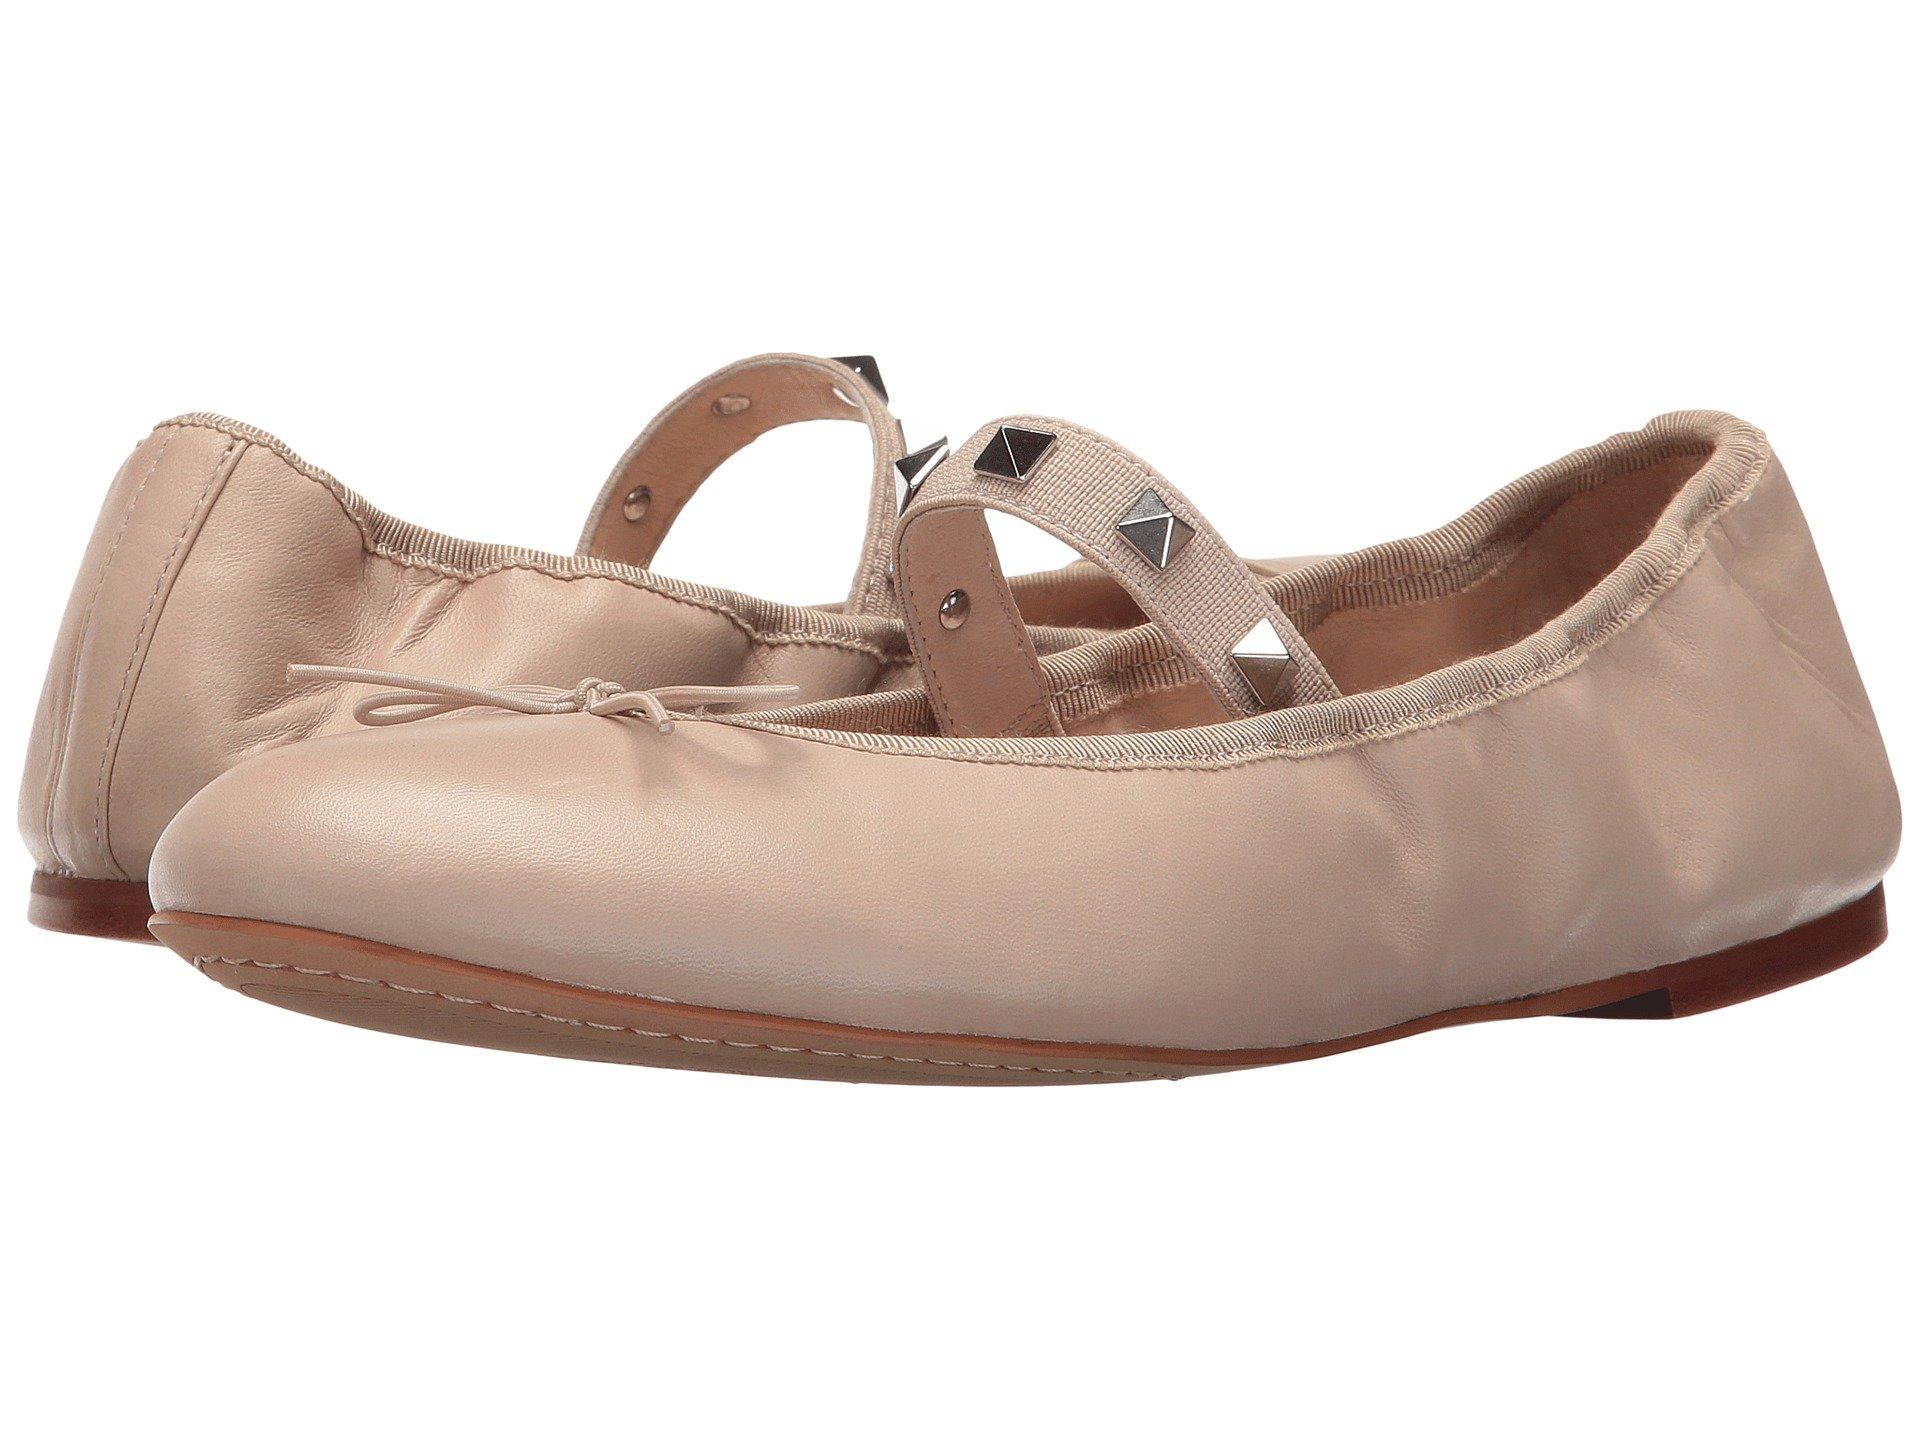 Baletas para Mujer Vince Camuto Prilla  + Vince Camuto en VeoyCompro.net